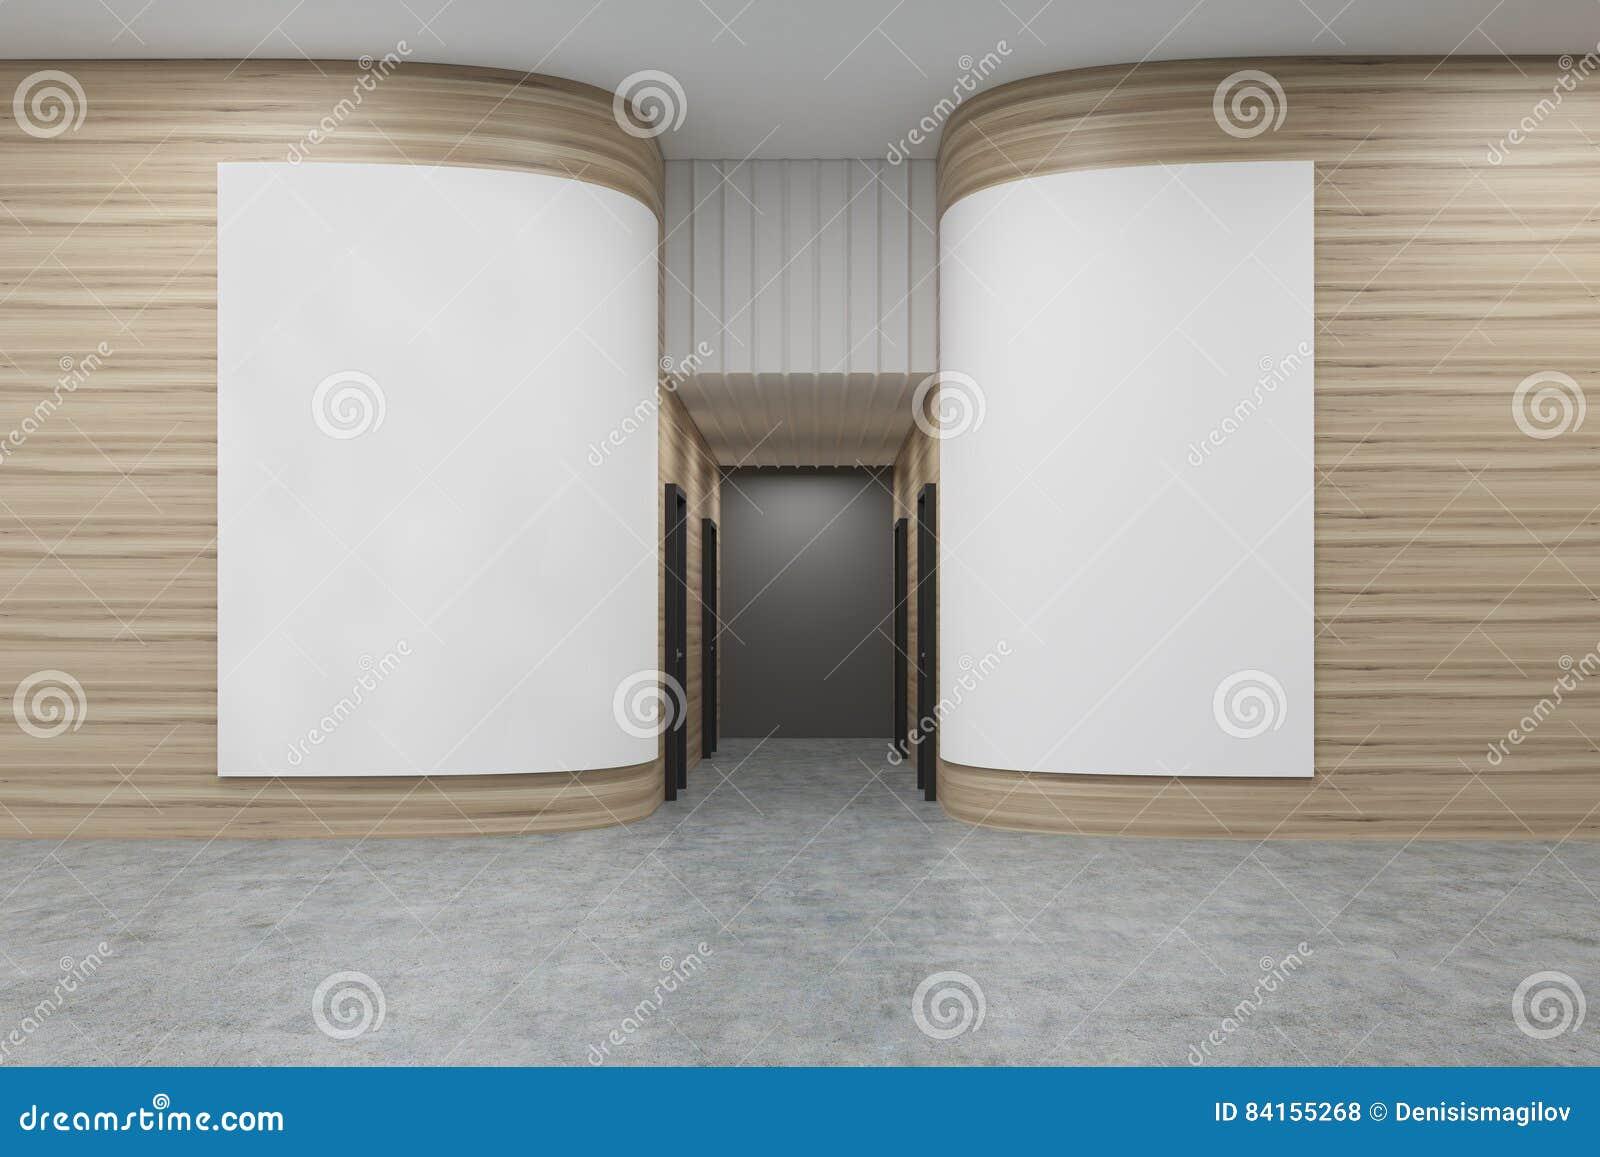 Hall de bureau avec les murs en bois arrondis il y a deux affiches